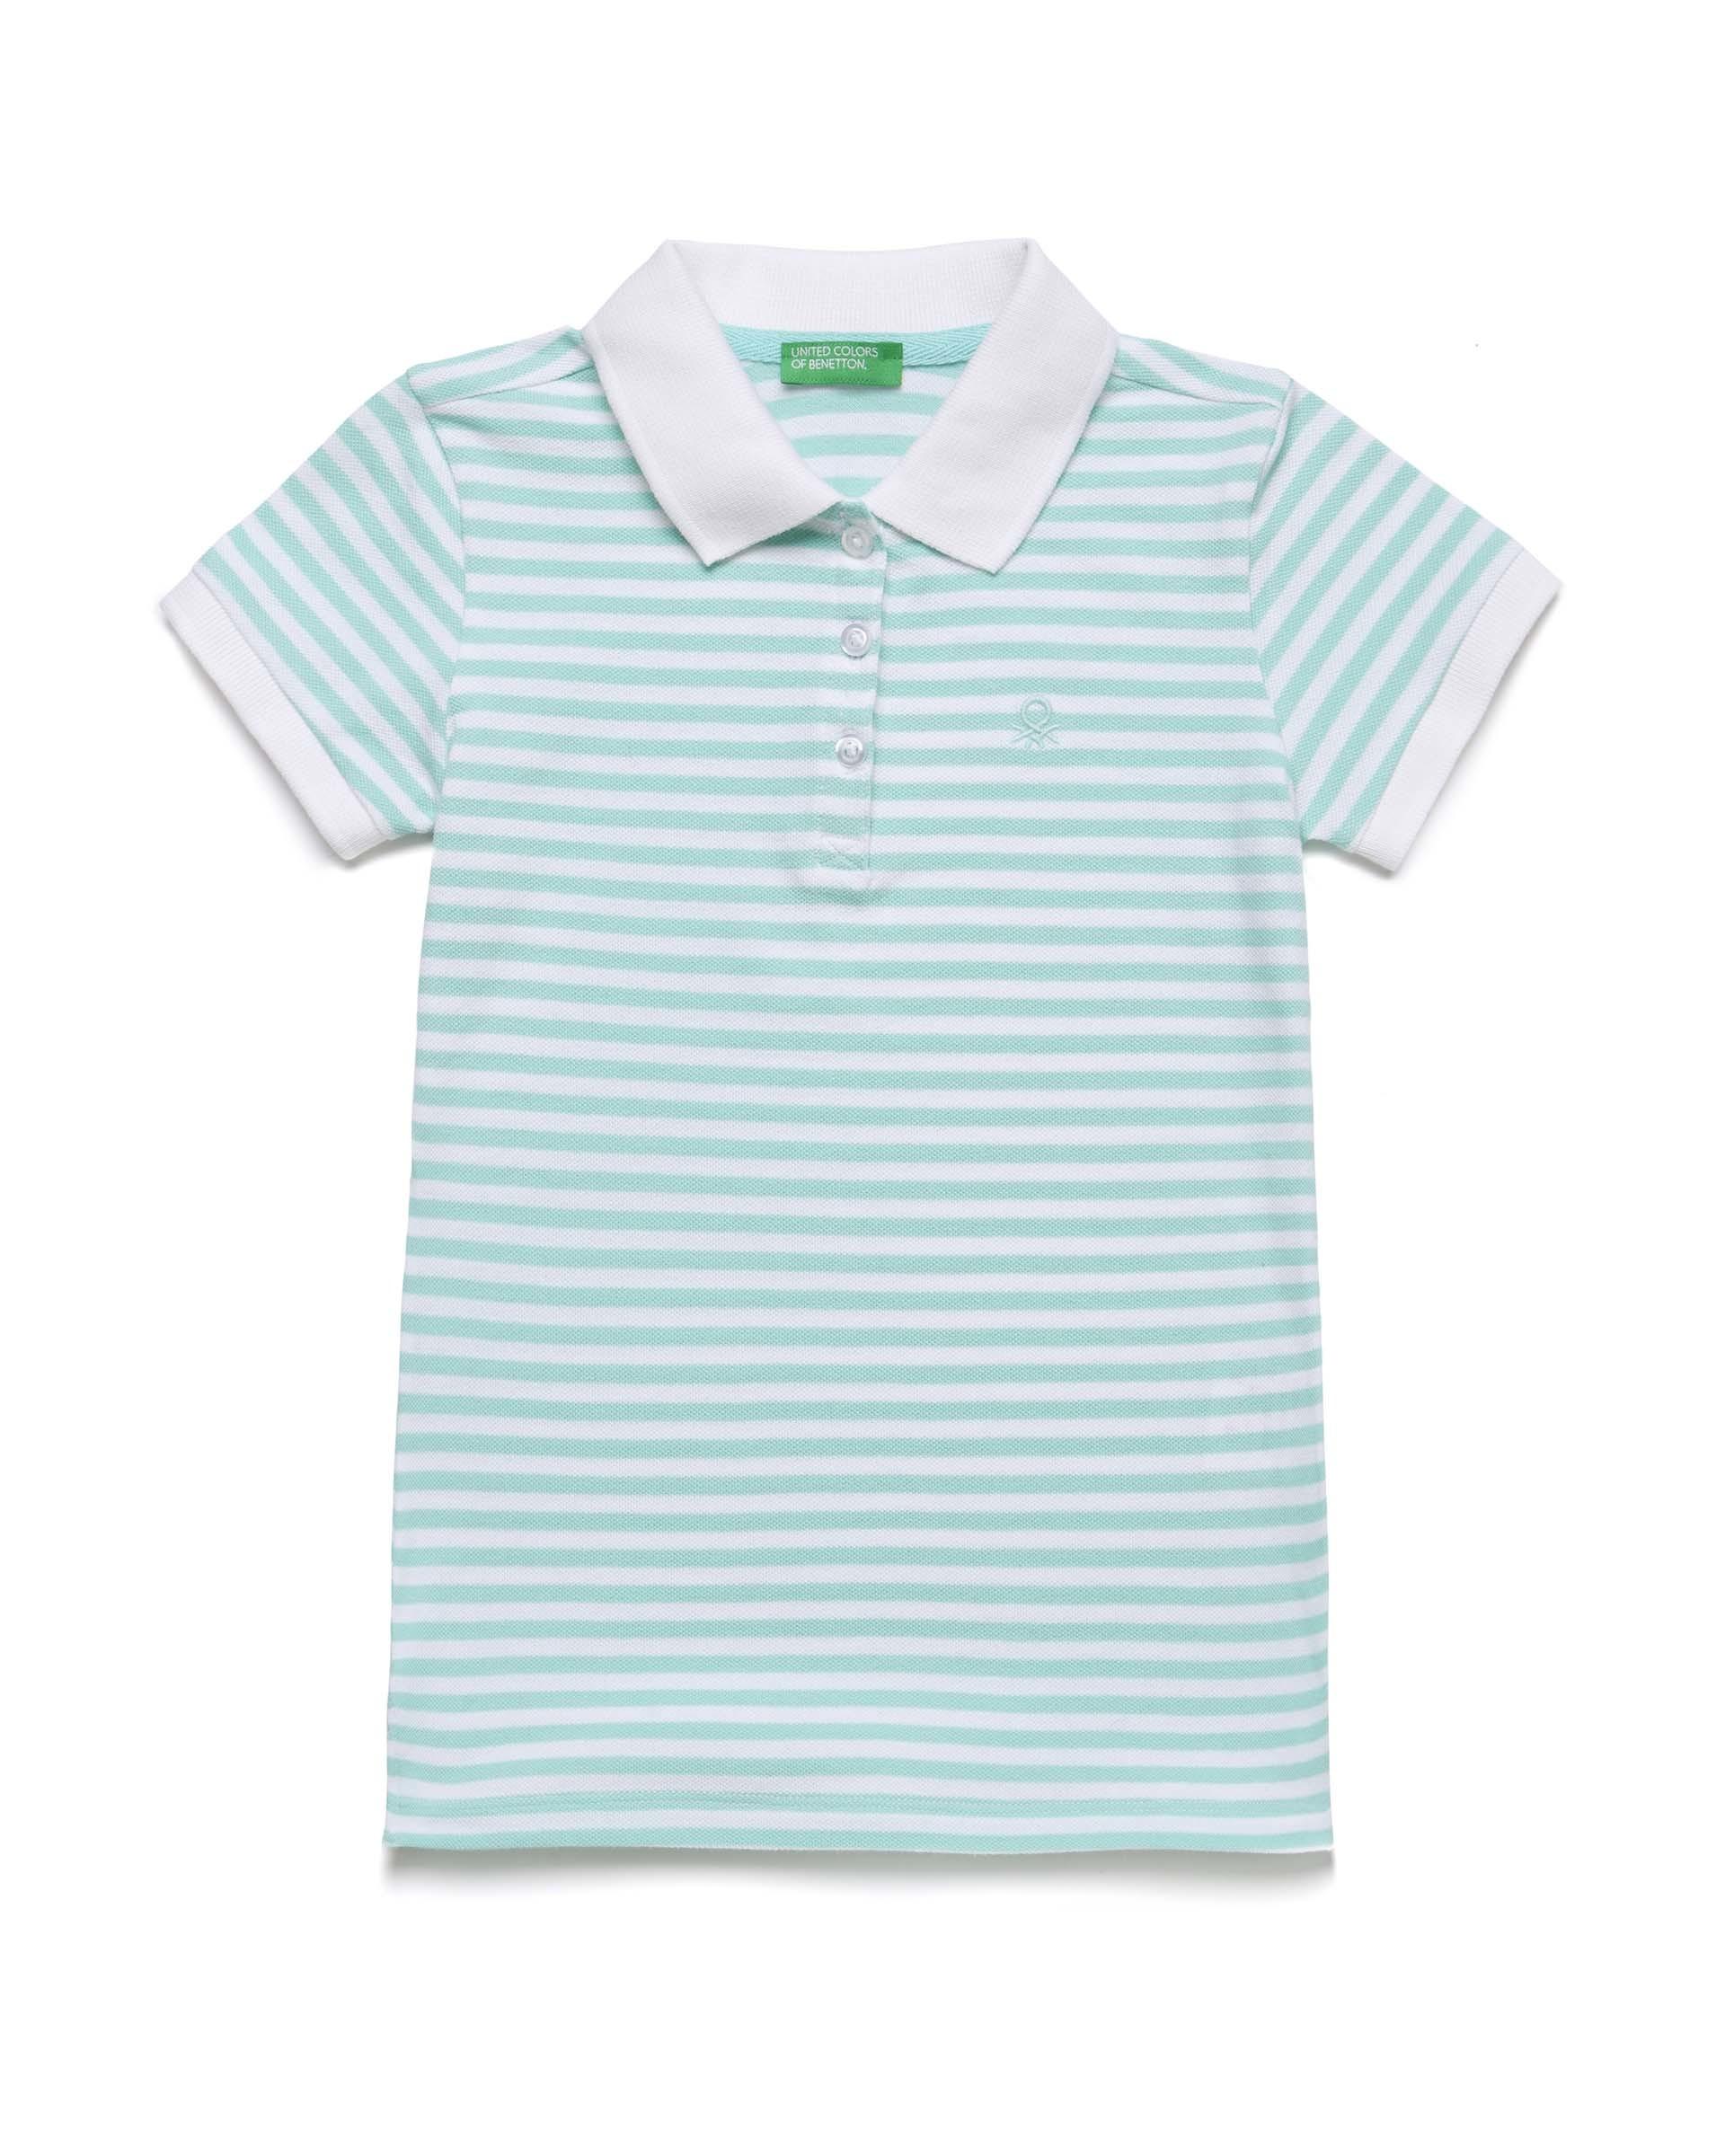 Купить 20P_3PK6C3126_69J, Поло-пике для девочек Benetton 3PK6C3126_69J р-р 92, United Colors of Benetton, Кофточки, футболки для новорожденных